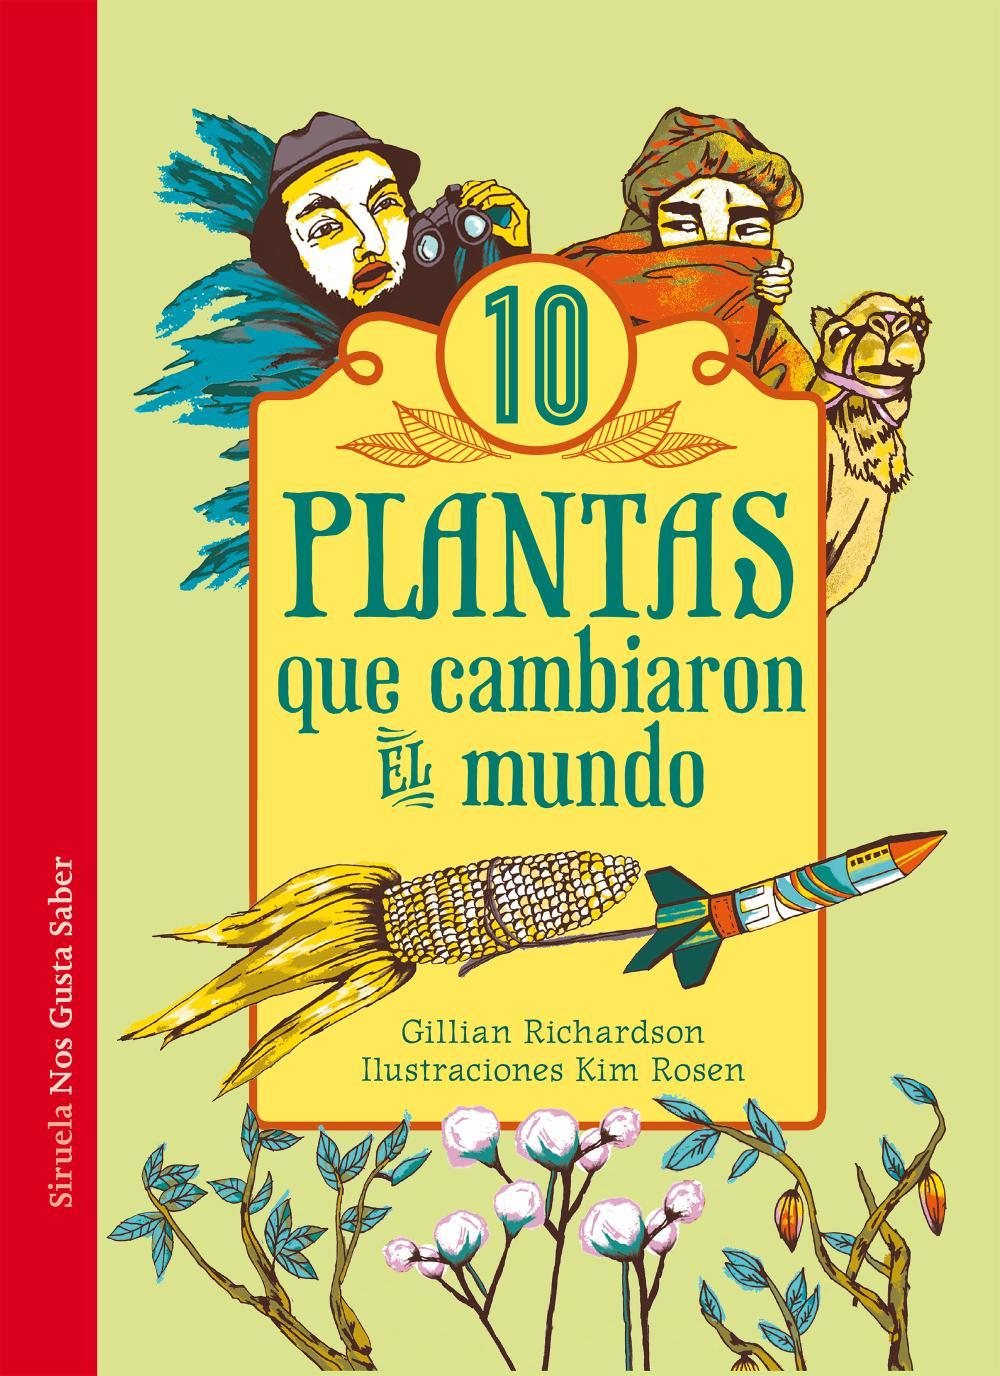 10 plantas que cambiaron el mundo